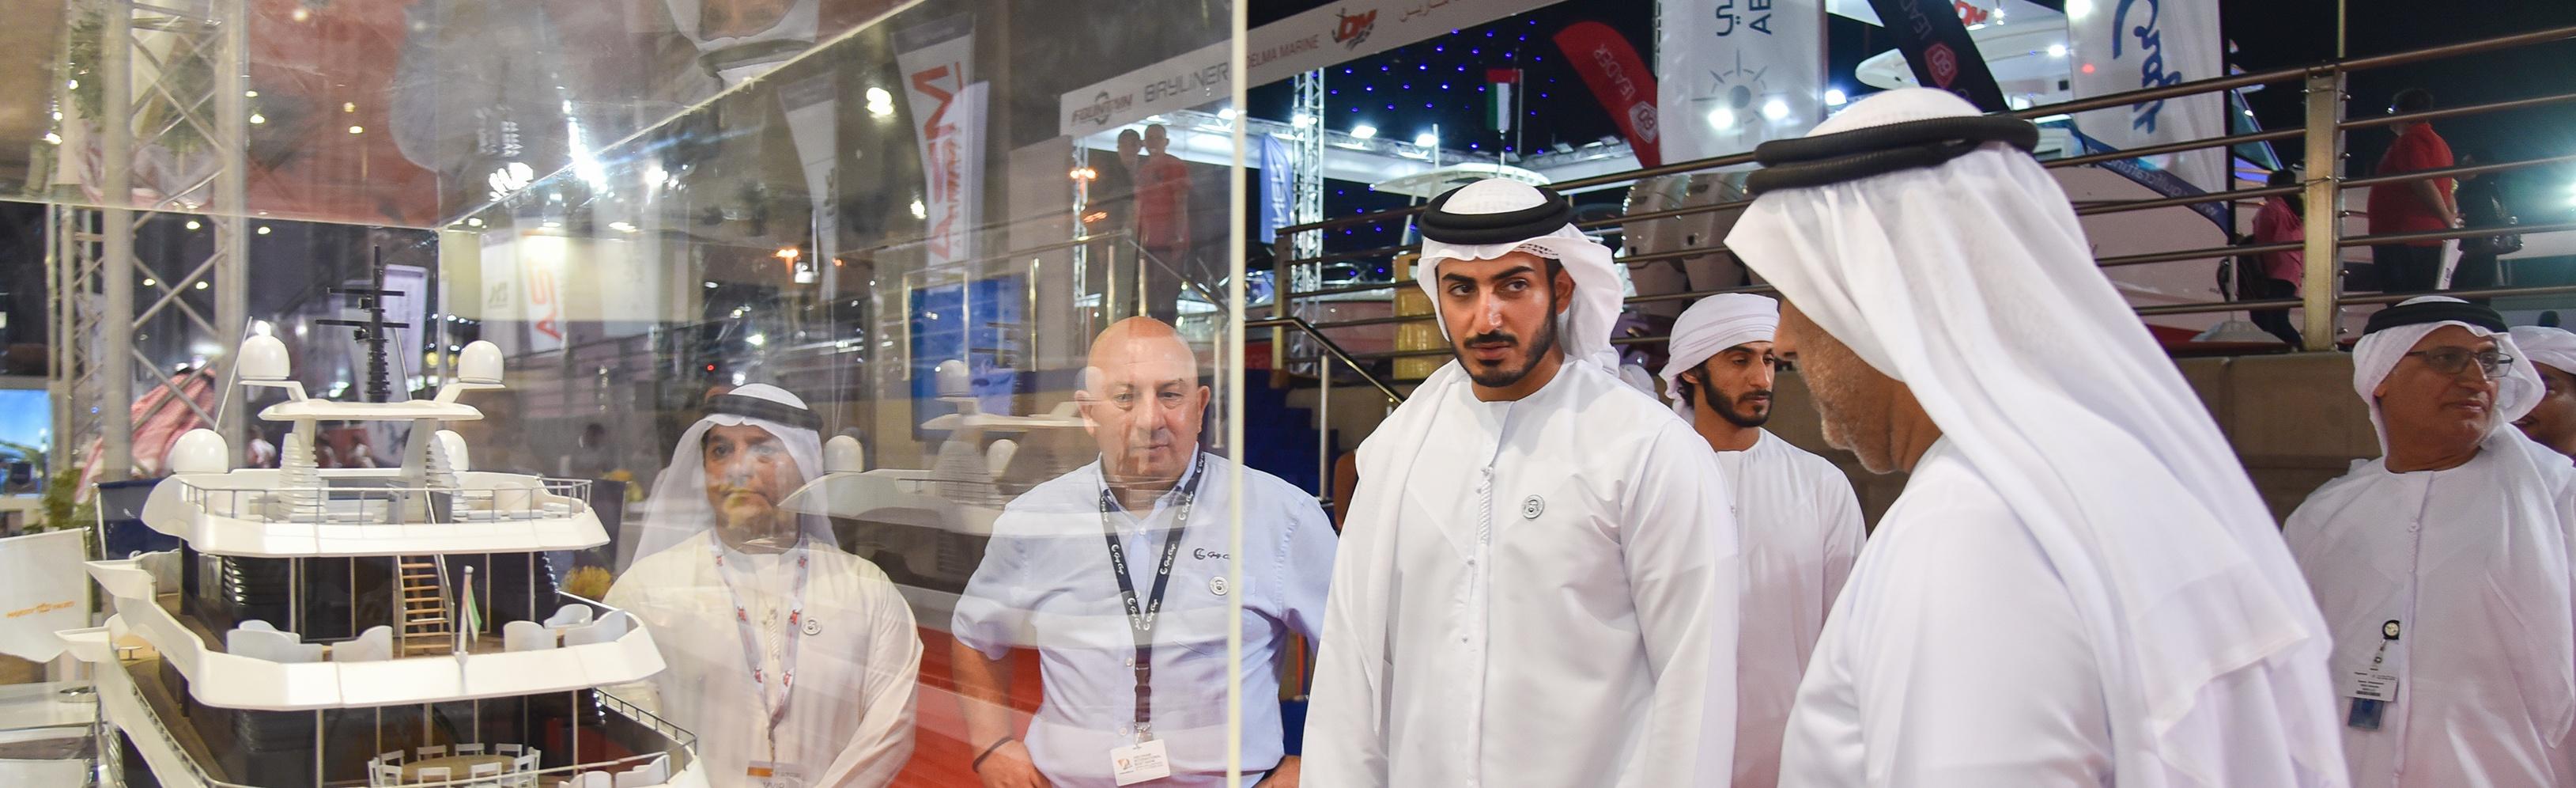 Gulf-Craft,-Abu-Dhabi-Boat-Show-3